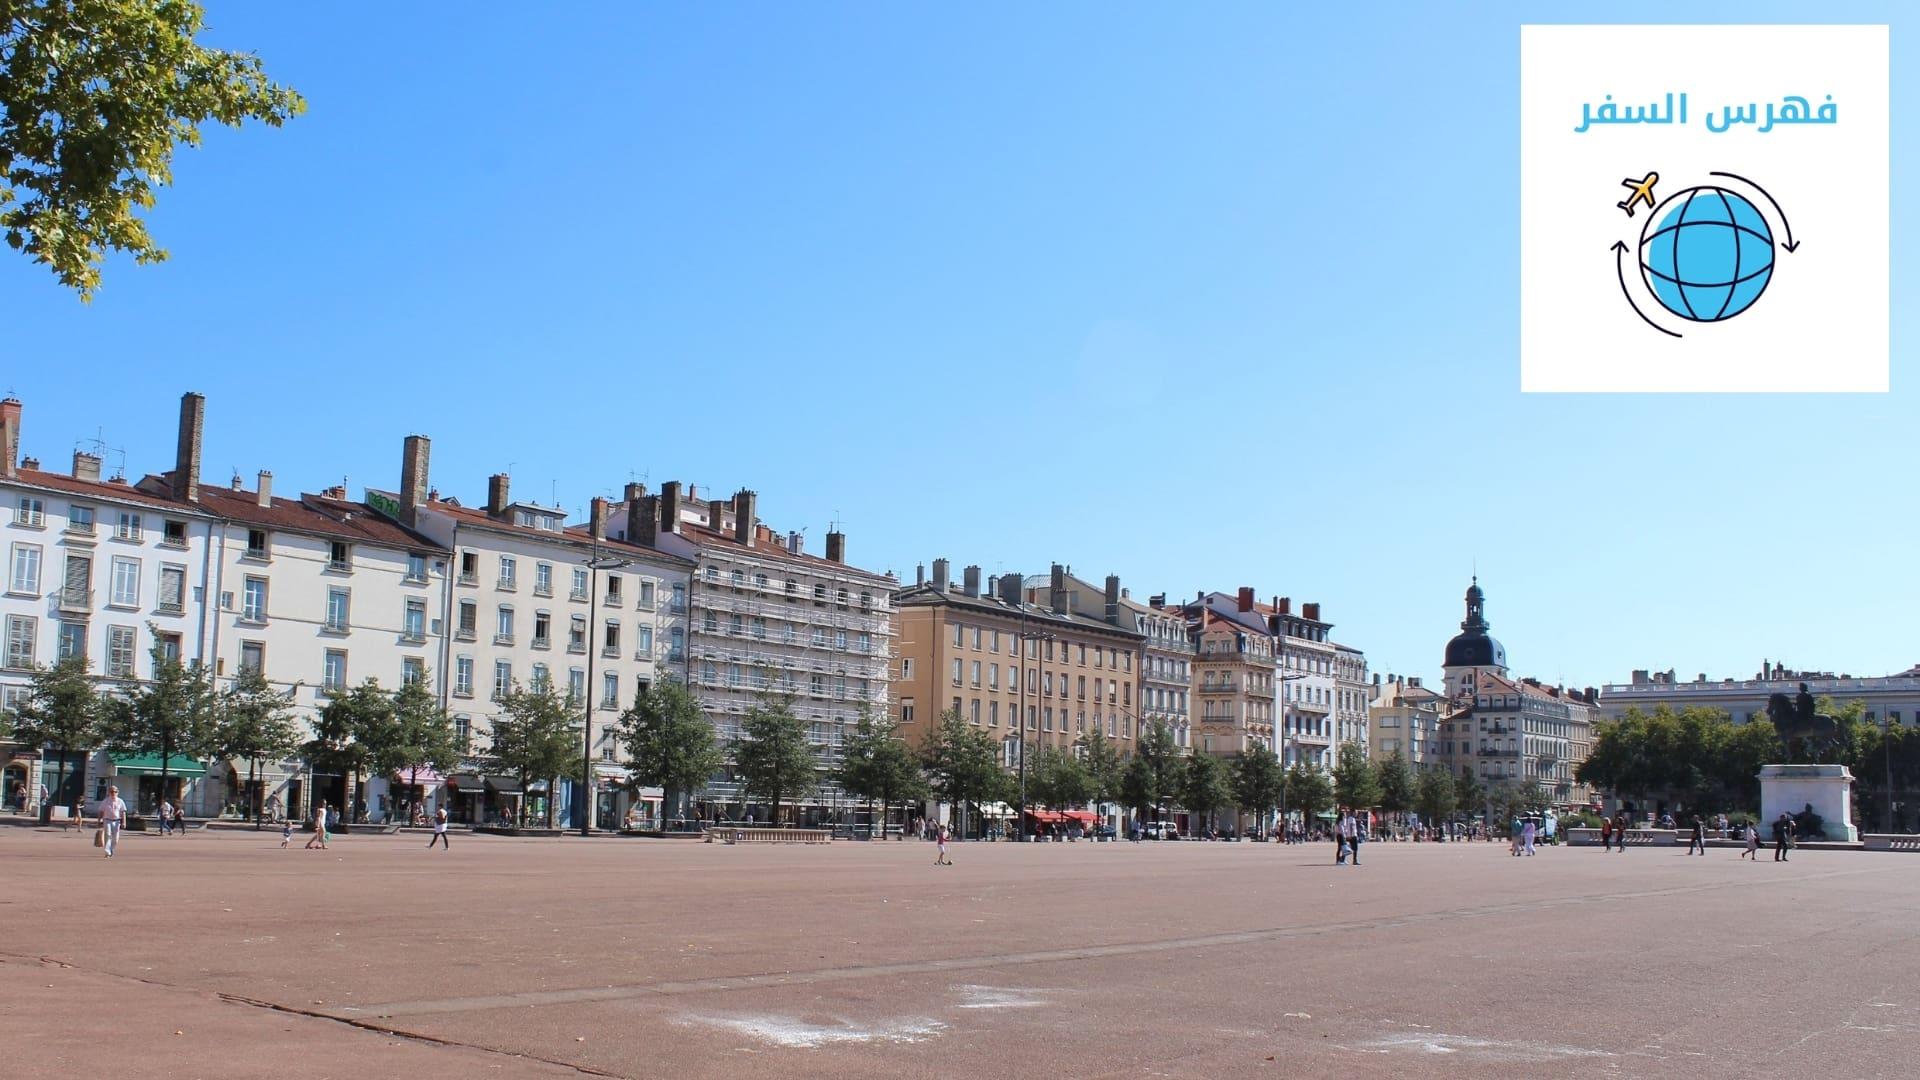 ساحة بيليكور